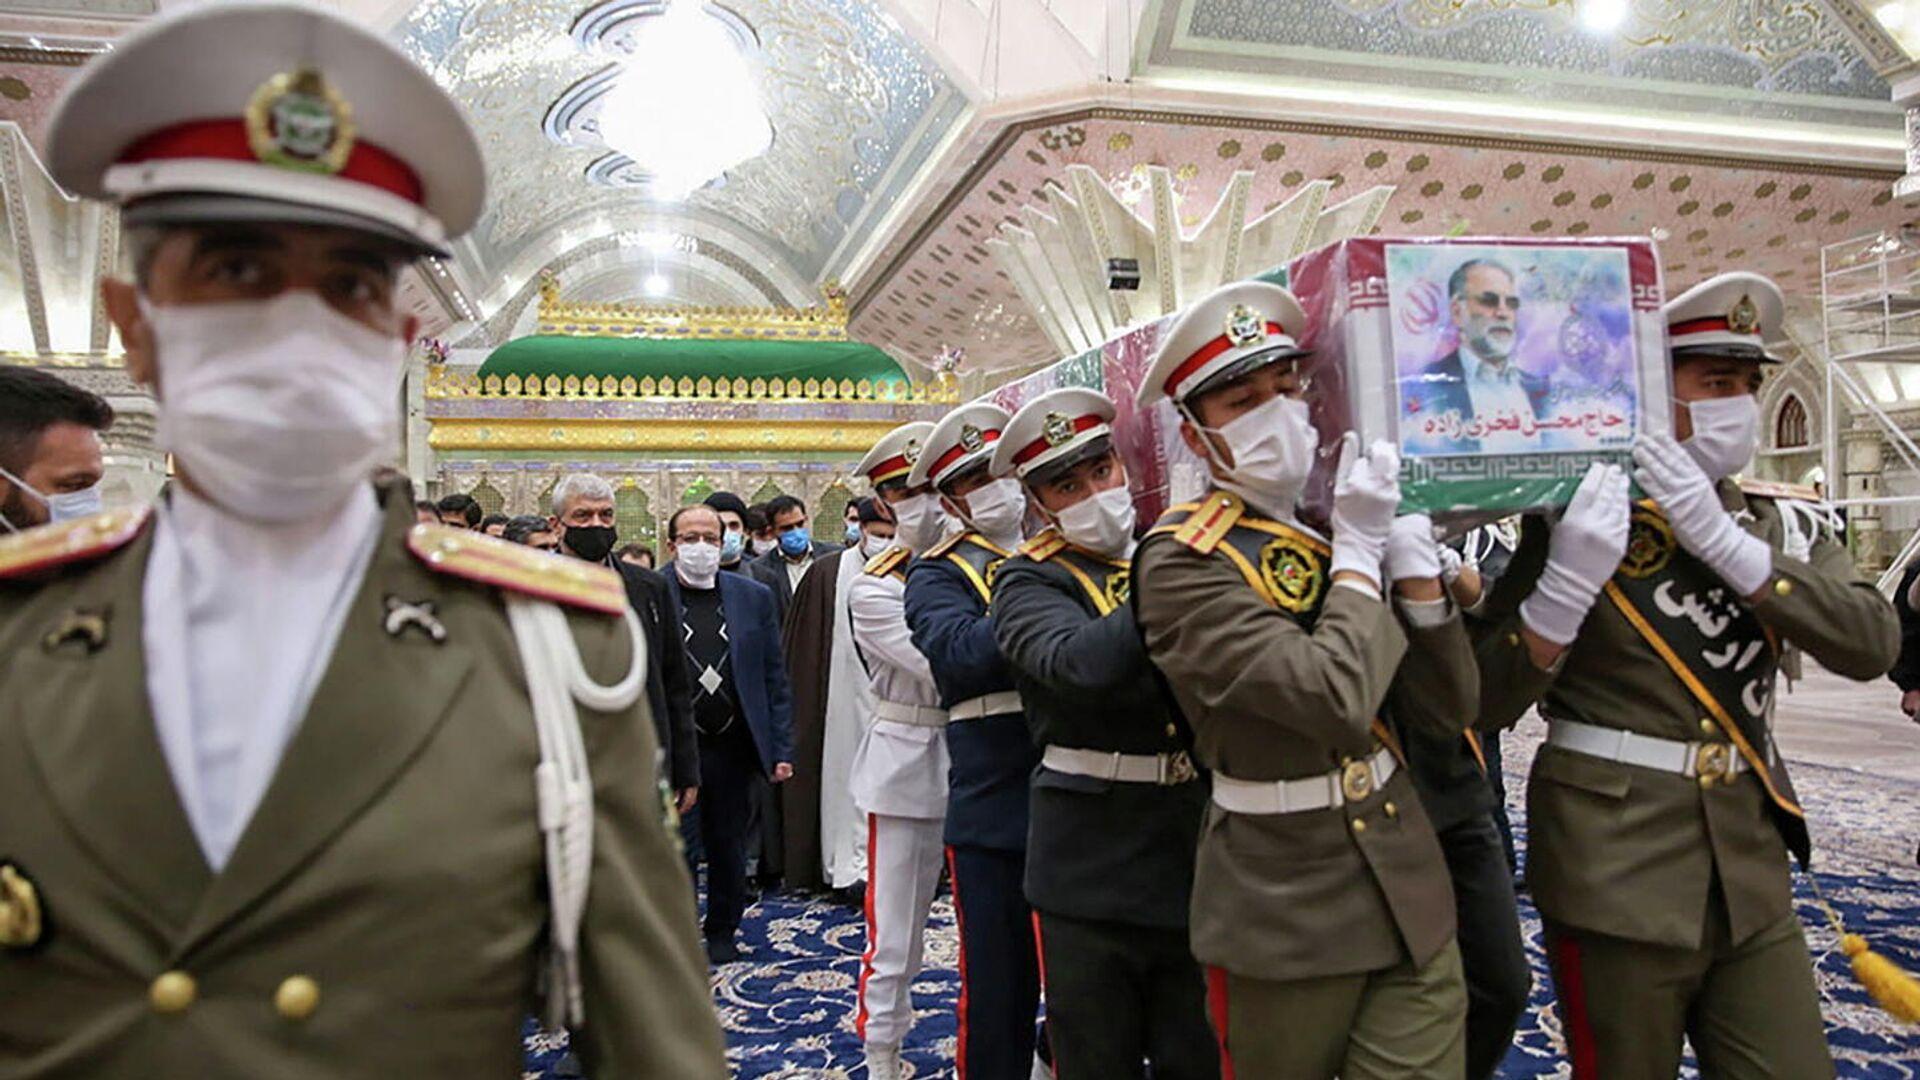 Церемония прощания с иранским ученым-ядерщиком Мохсеном Фахризаде в Тегеране - РИА Новости, 1920, 30.11.2020